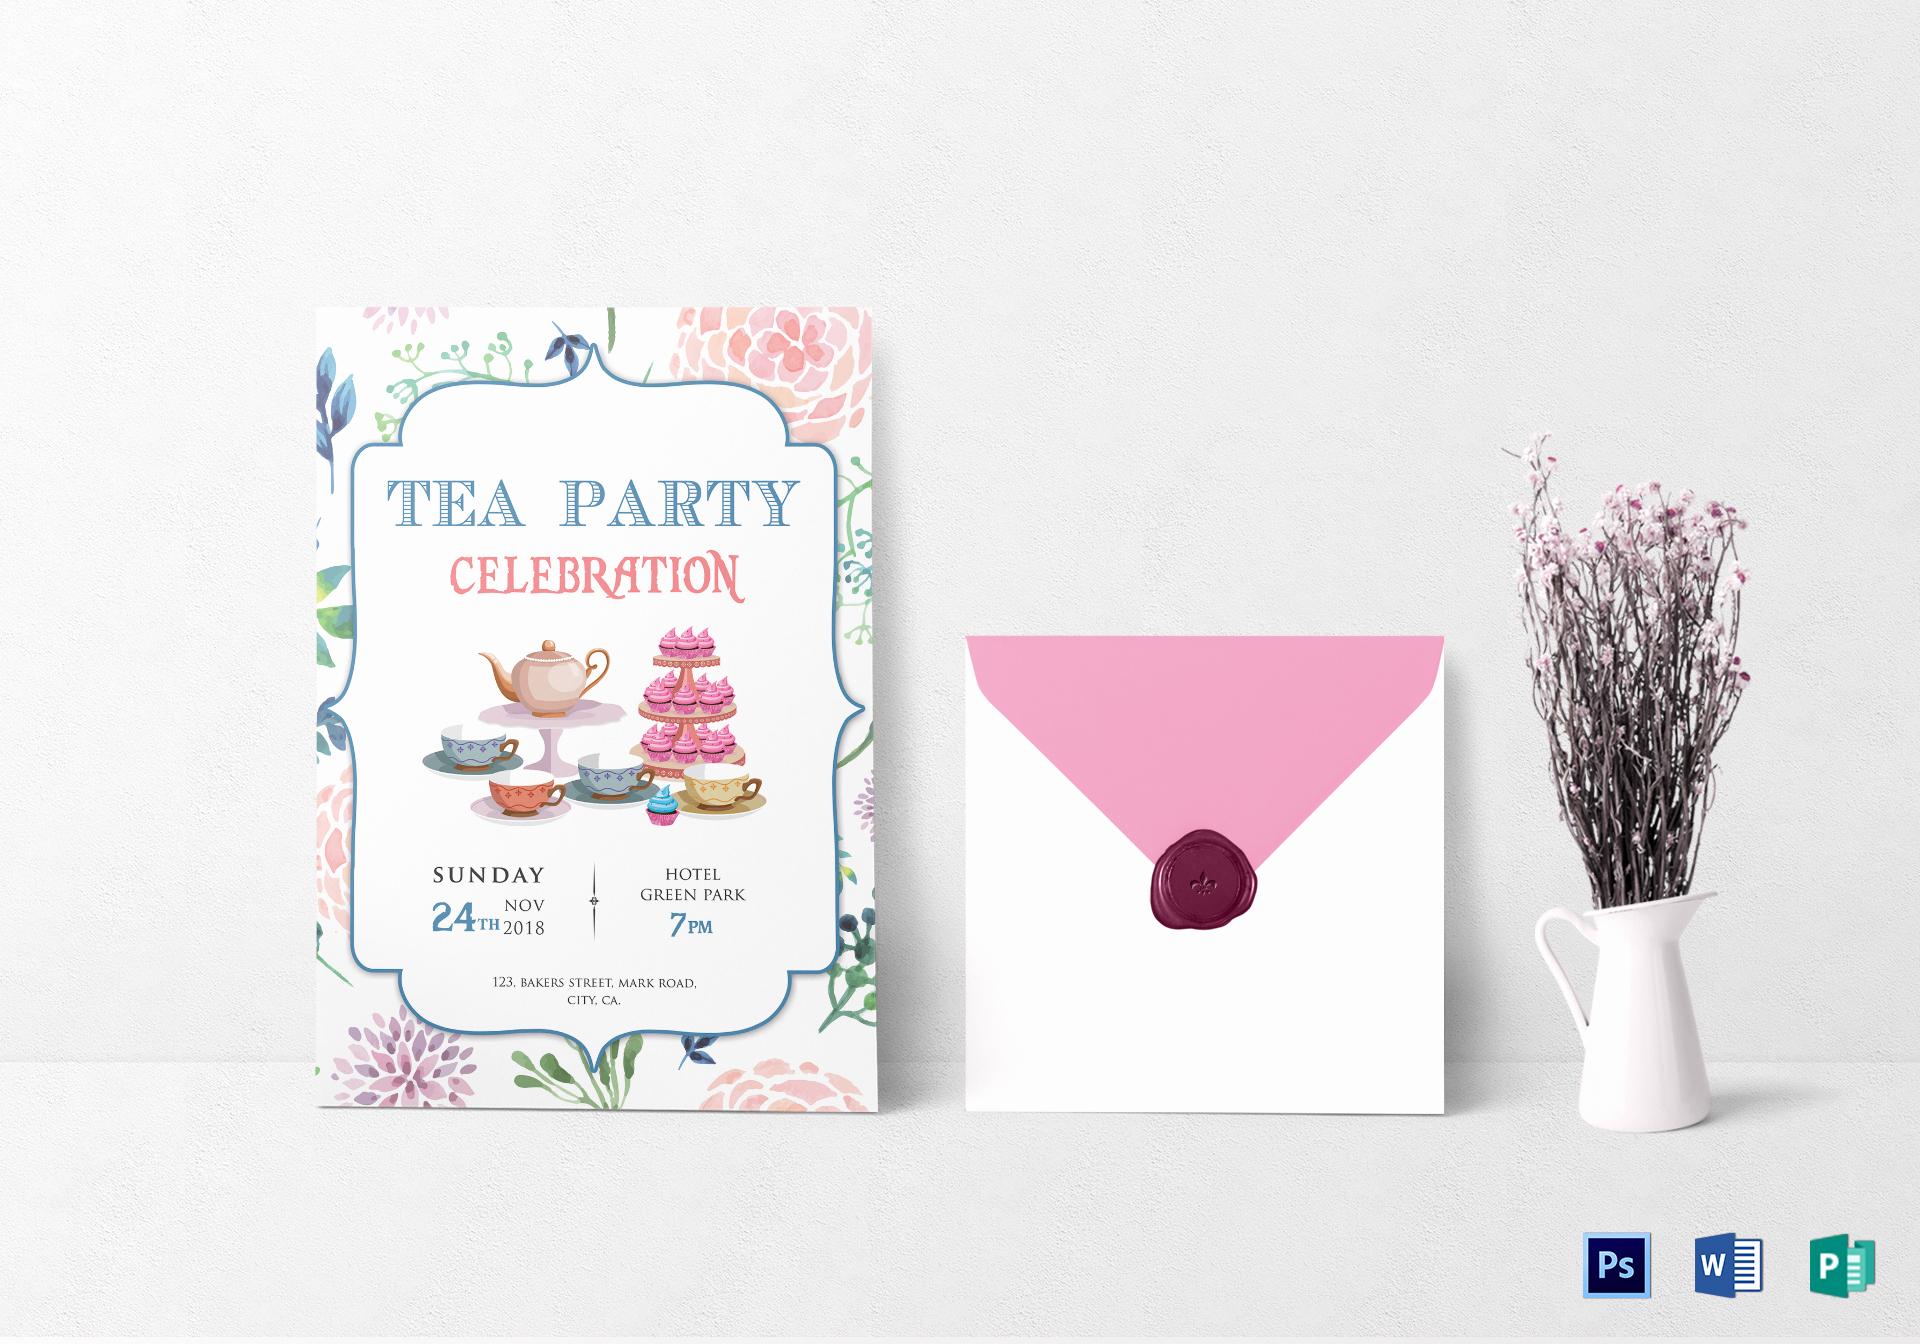 Tea Party Invitation Template Word Unique Elegant Tea Party Invitation Design Template In Word Psd